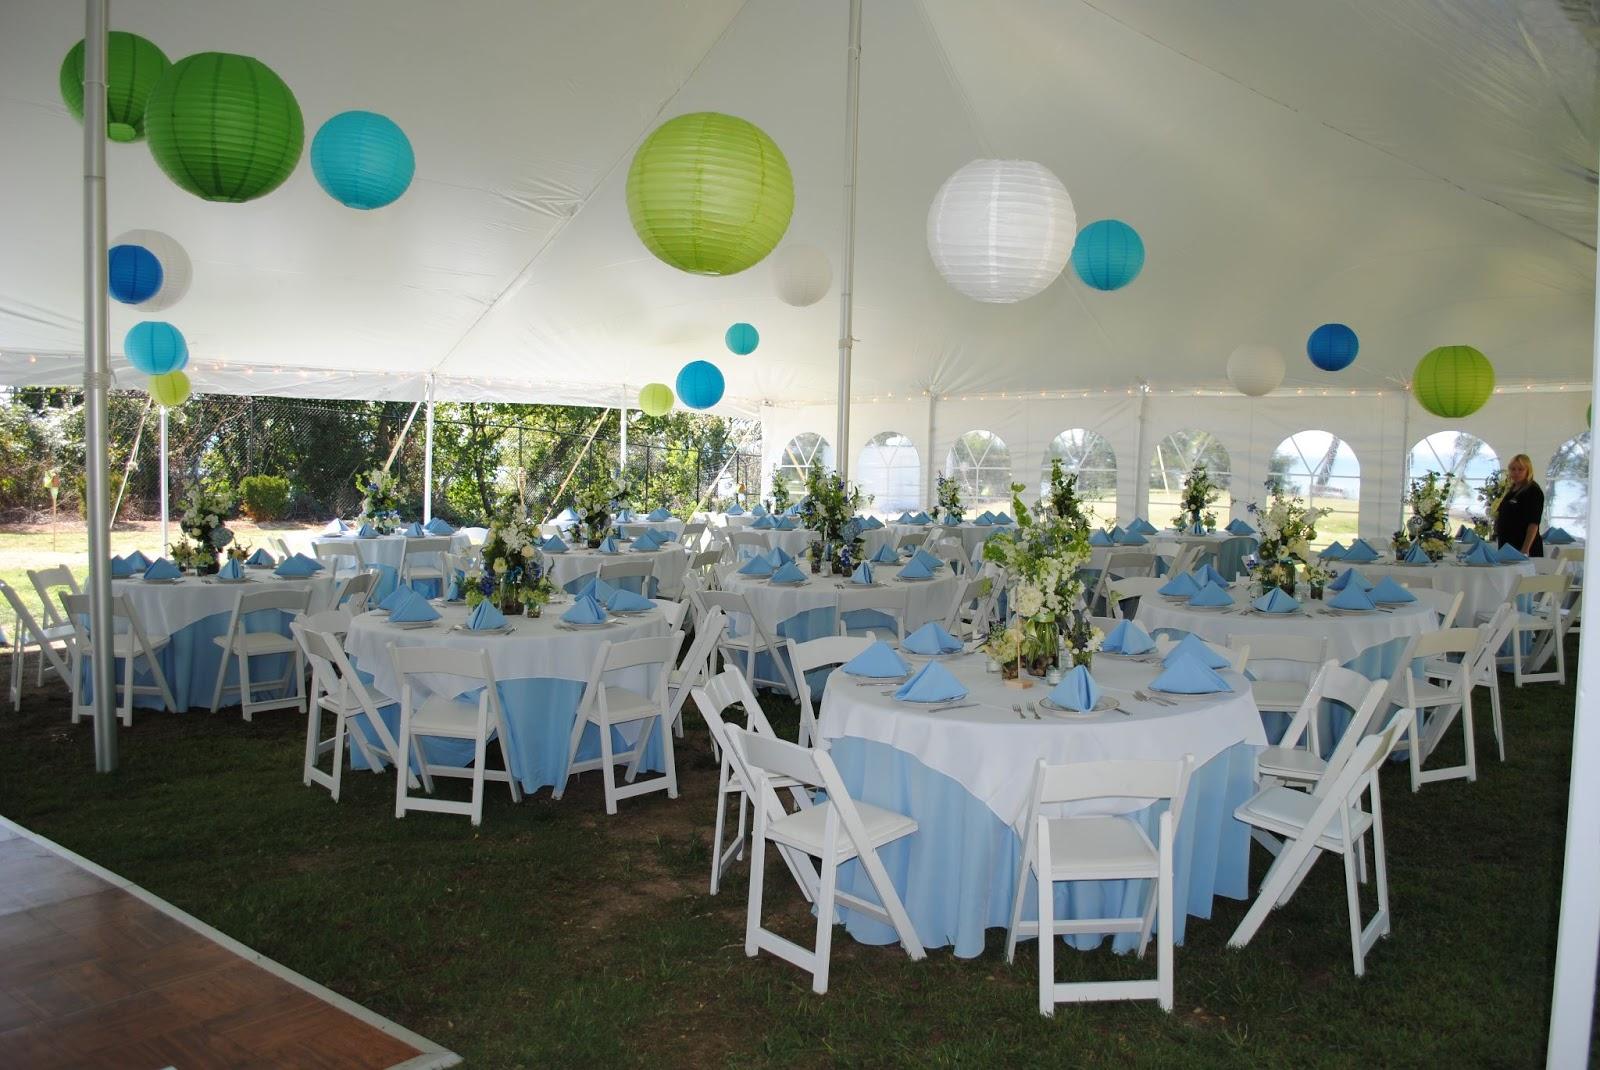 tented wedding decor at Matapeake Beach. photo via matapeakecatering.com